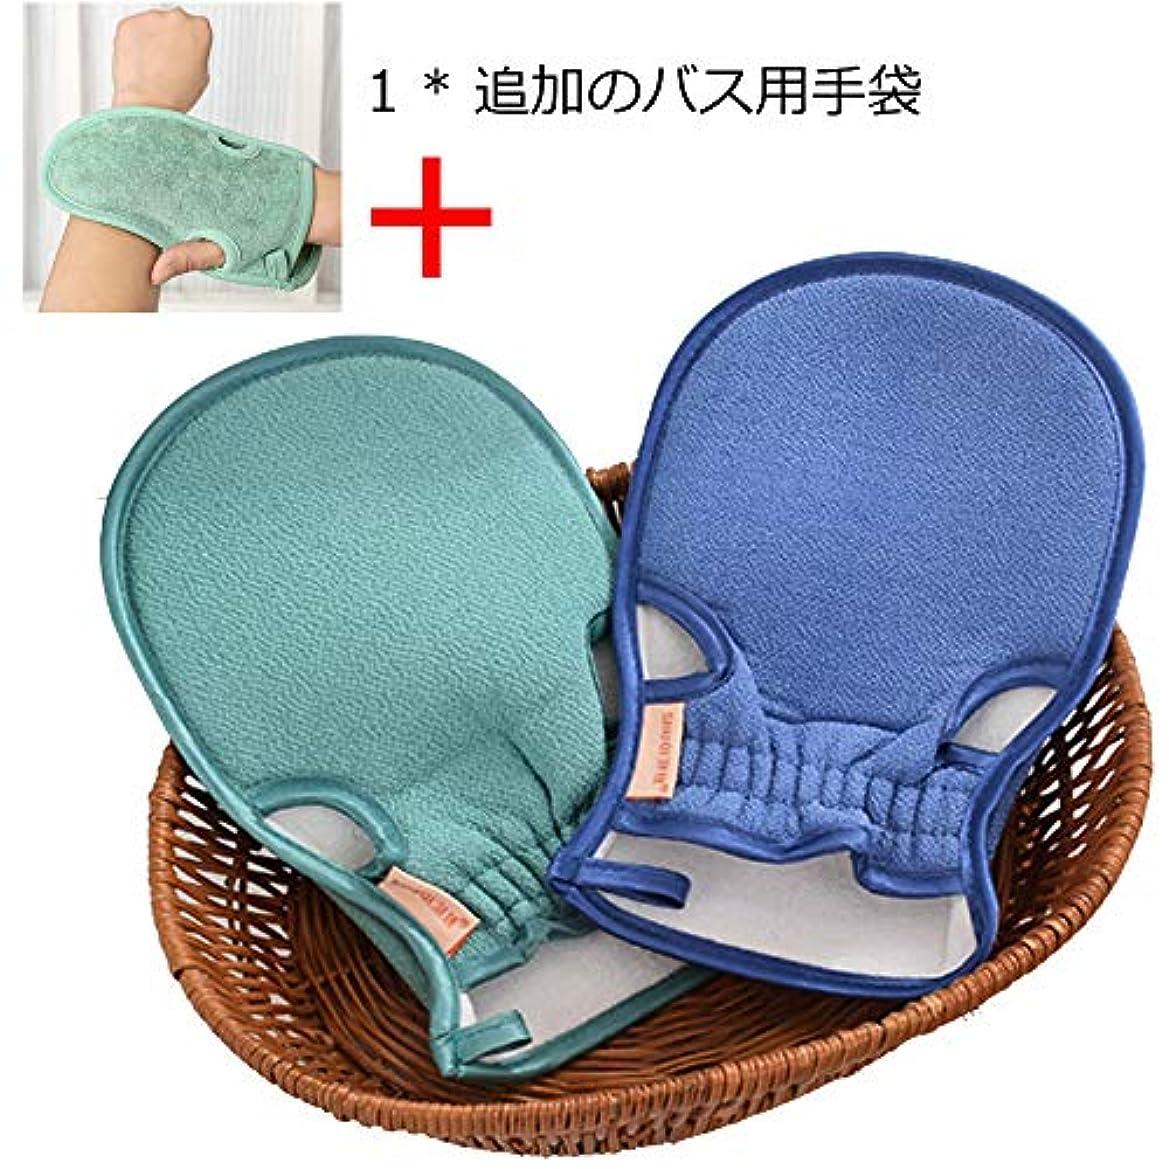 NO.1 Direct 2パック浴用手袋 あかすり ボディタオル 入浴用品 バス用品 垢すり手袋 毛穴清潔 角質除去 男女兼用